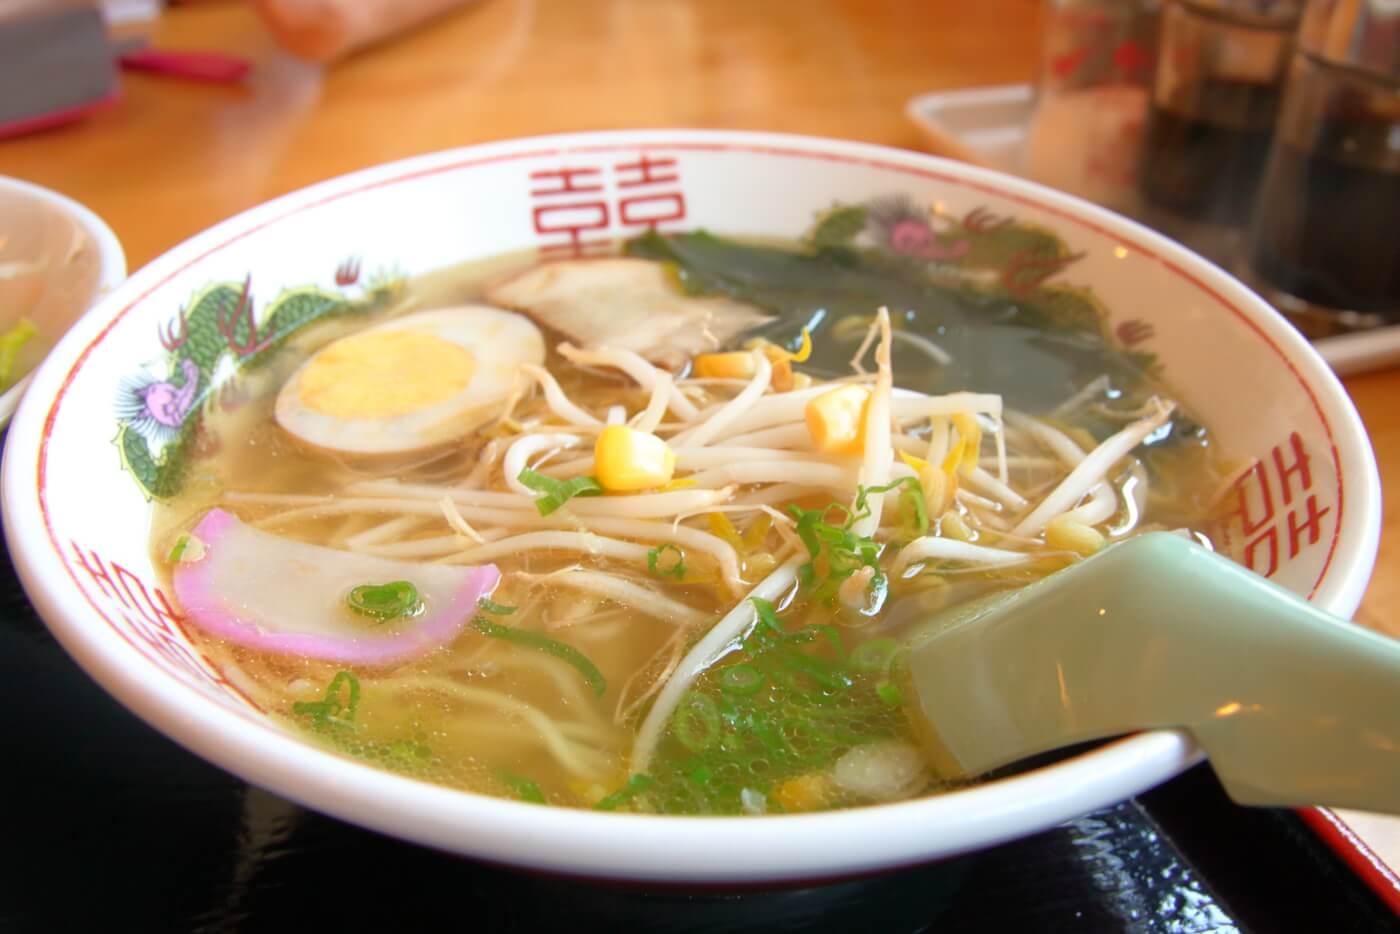 高知市 FAMILY RESTAURANT ASAHI ファミリーレストランアサヒ 満足プチ丼セットのラーメン